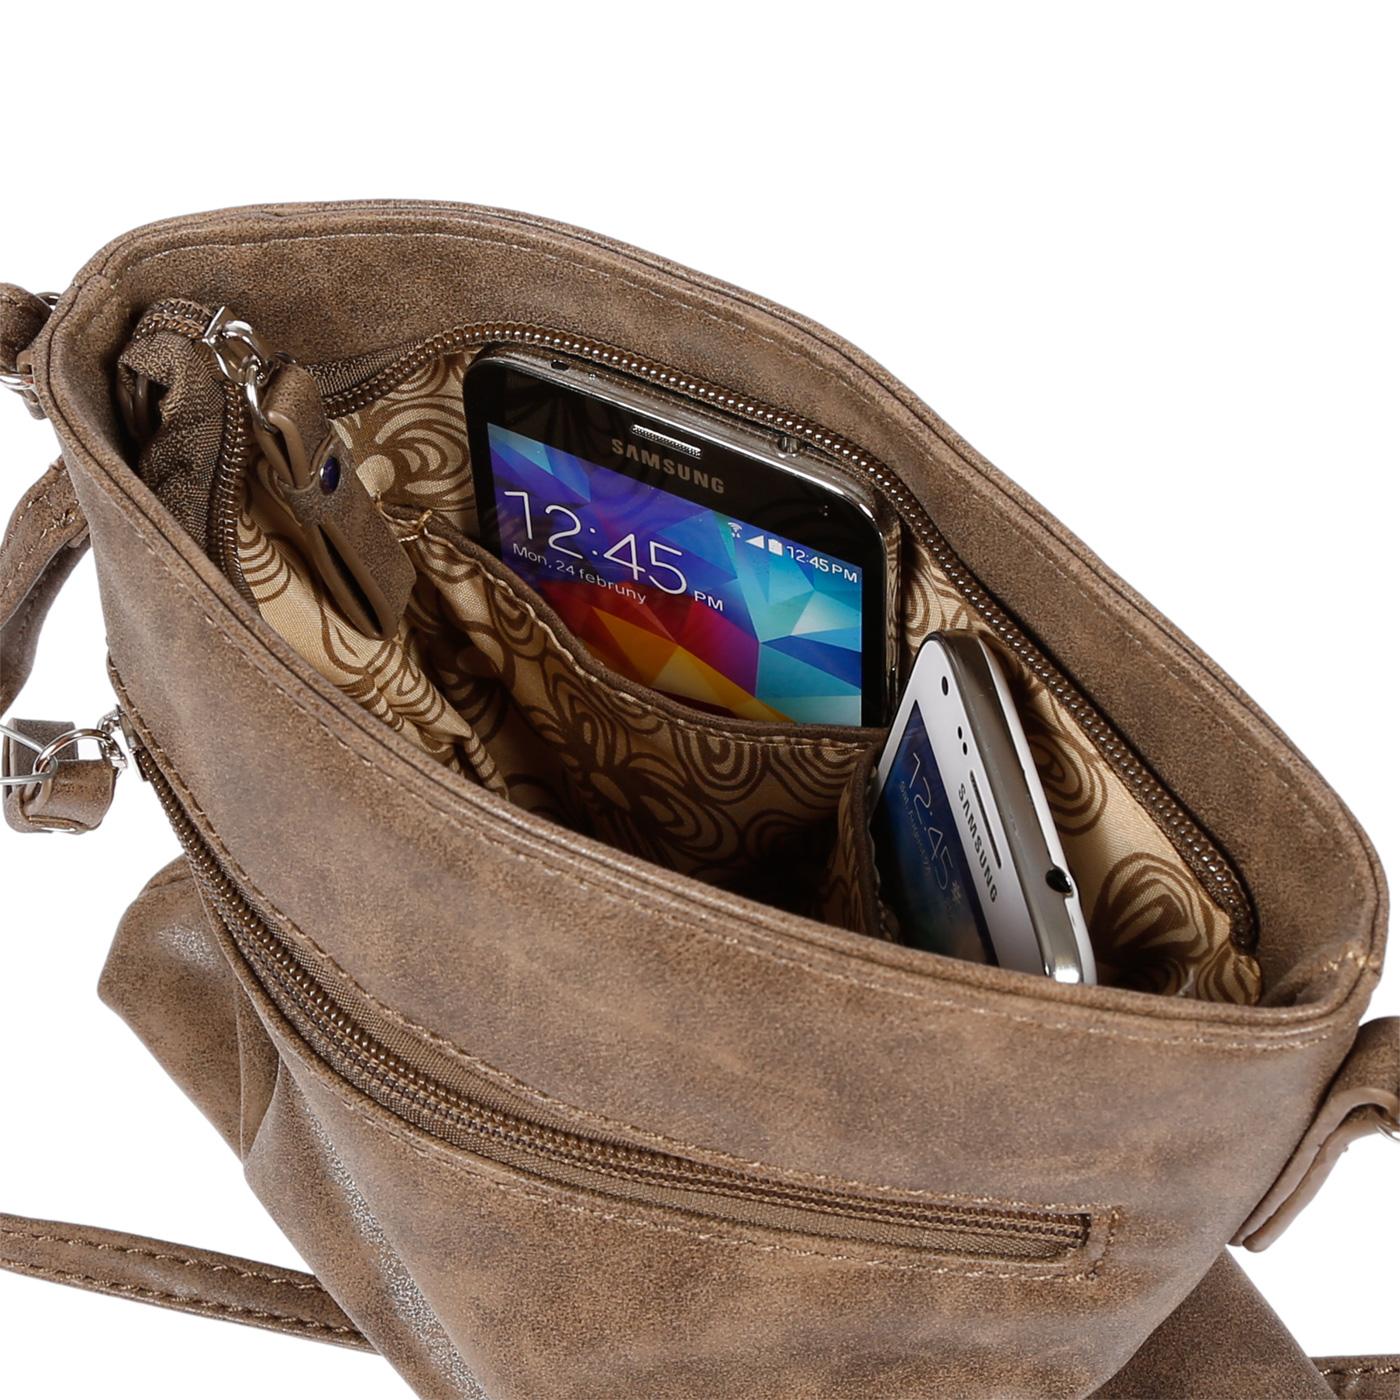 Damen-Handtasche-Umhaengetasche-Schultertasche-Tasche-Leder-Optik-Schwarz-Weiss Indexbild 20